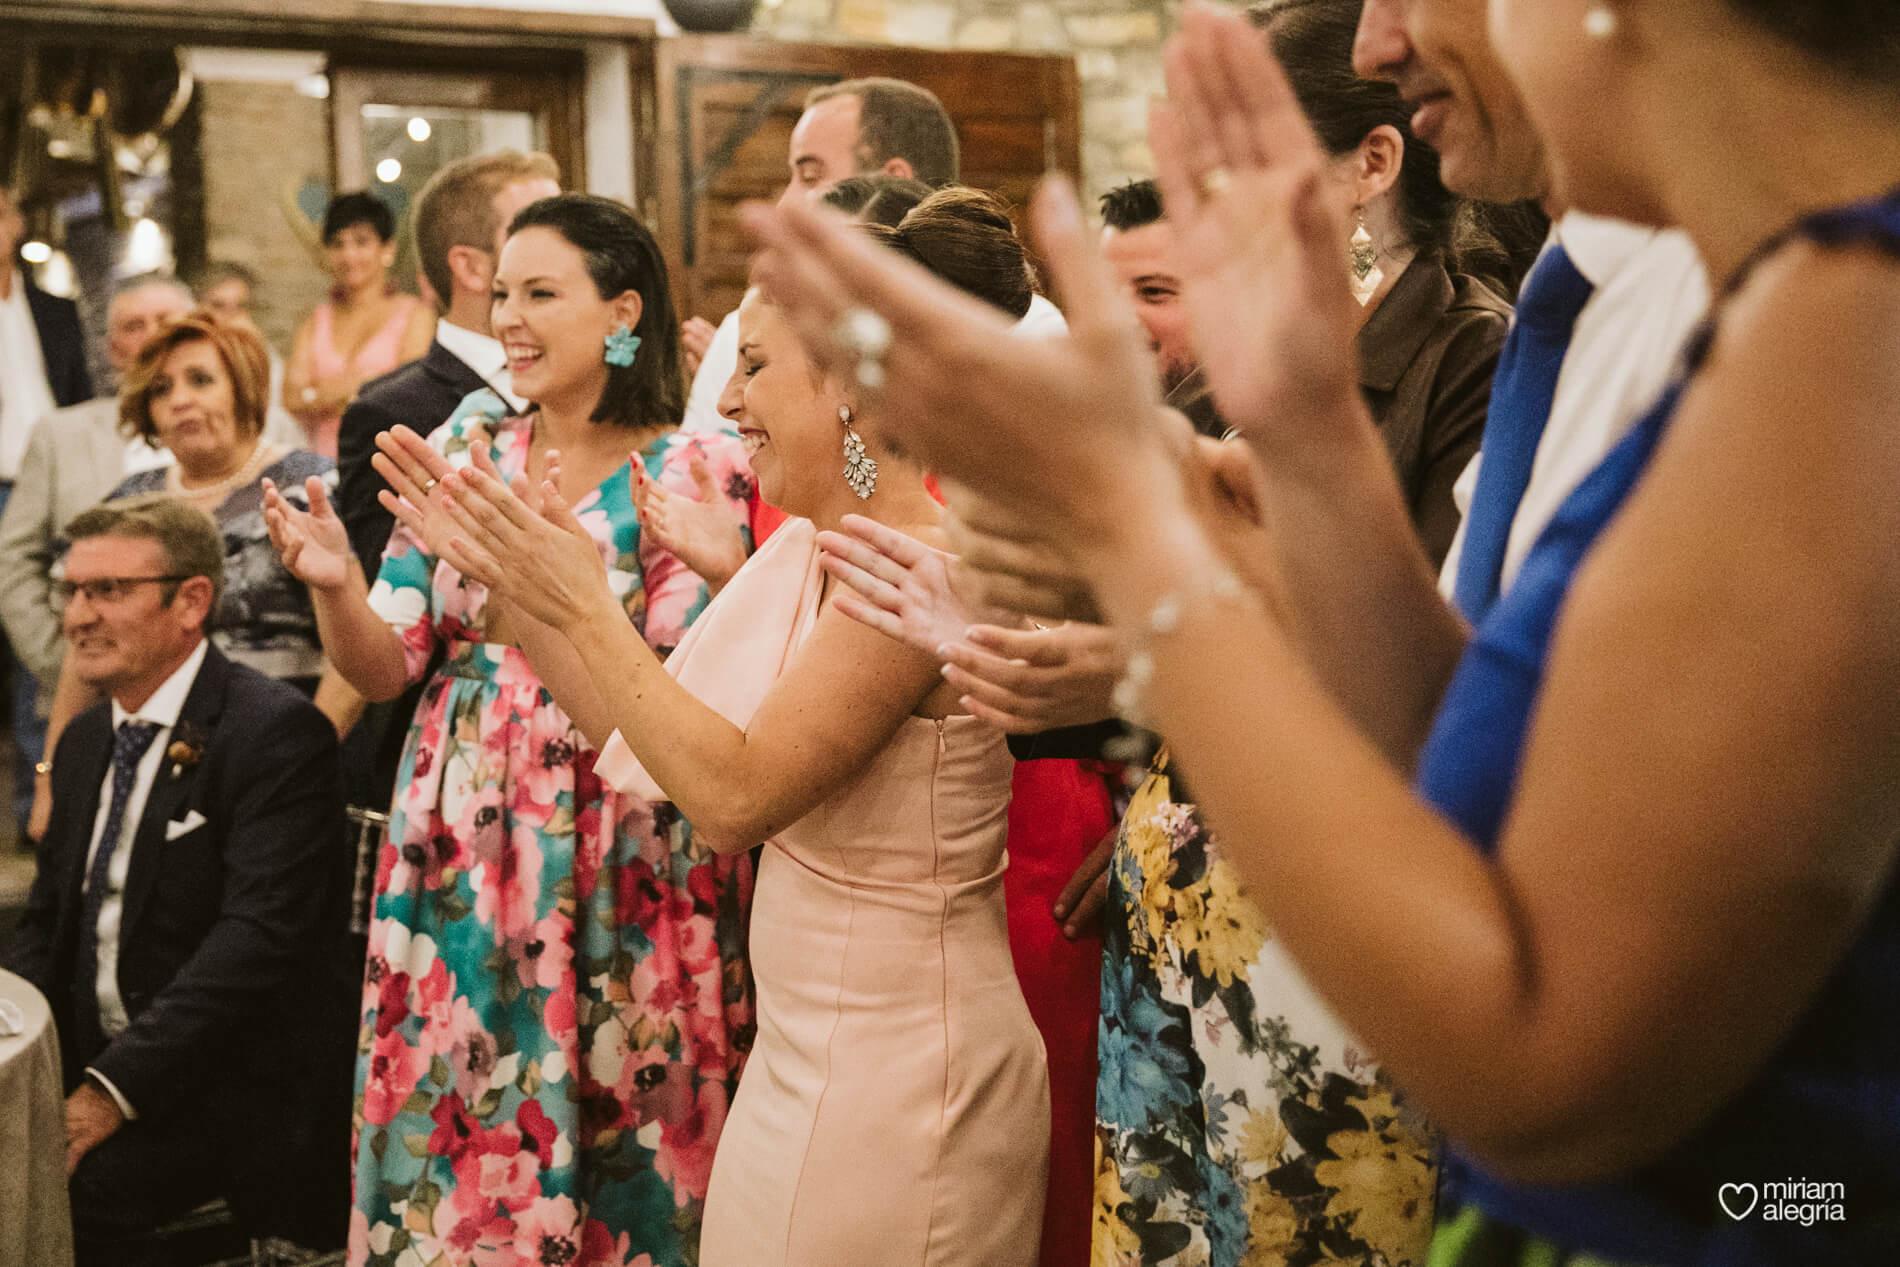 boda-en-collados-miriam-alegria-cayetana-ferrer-114